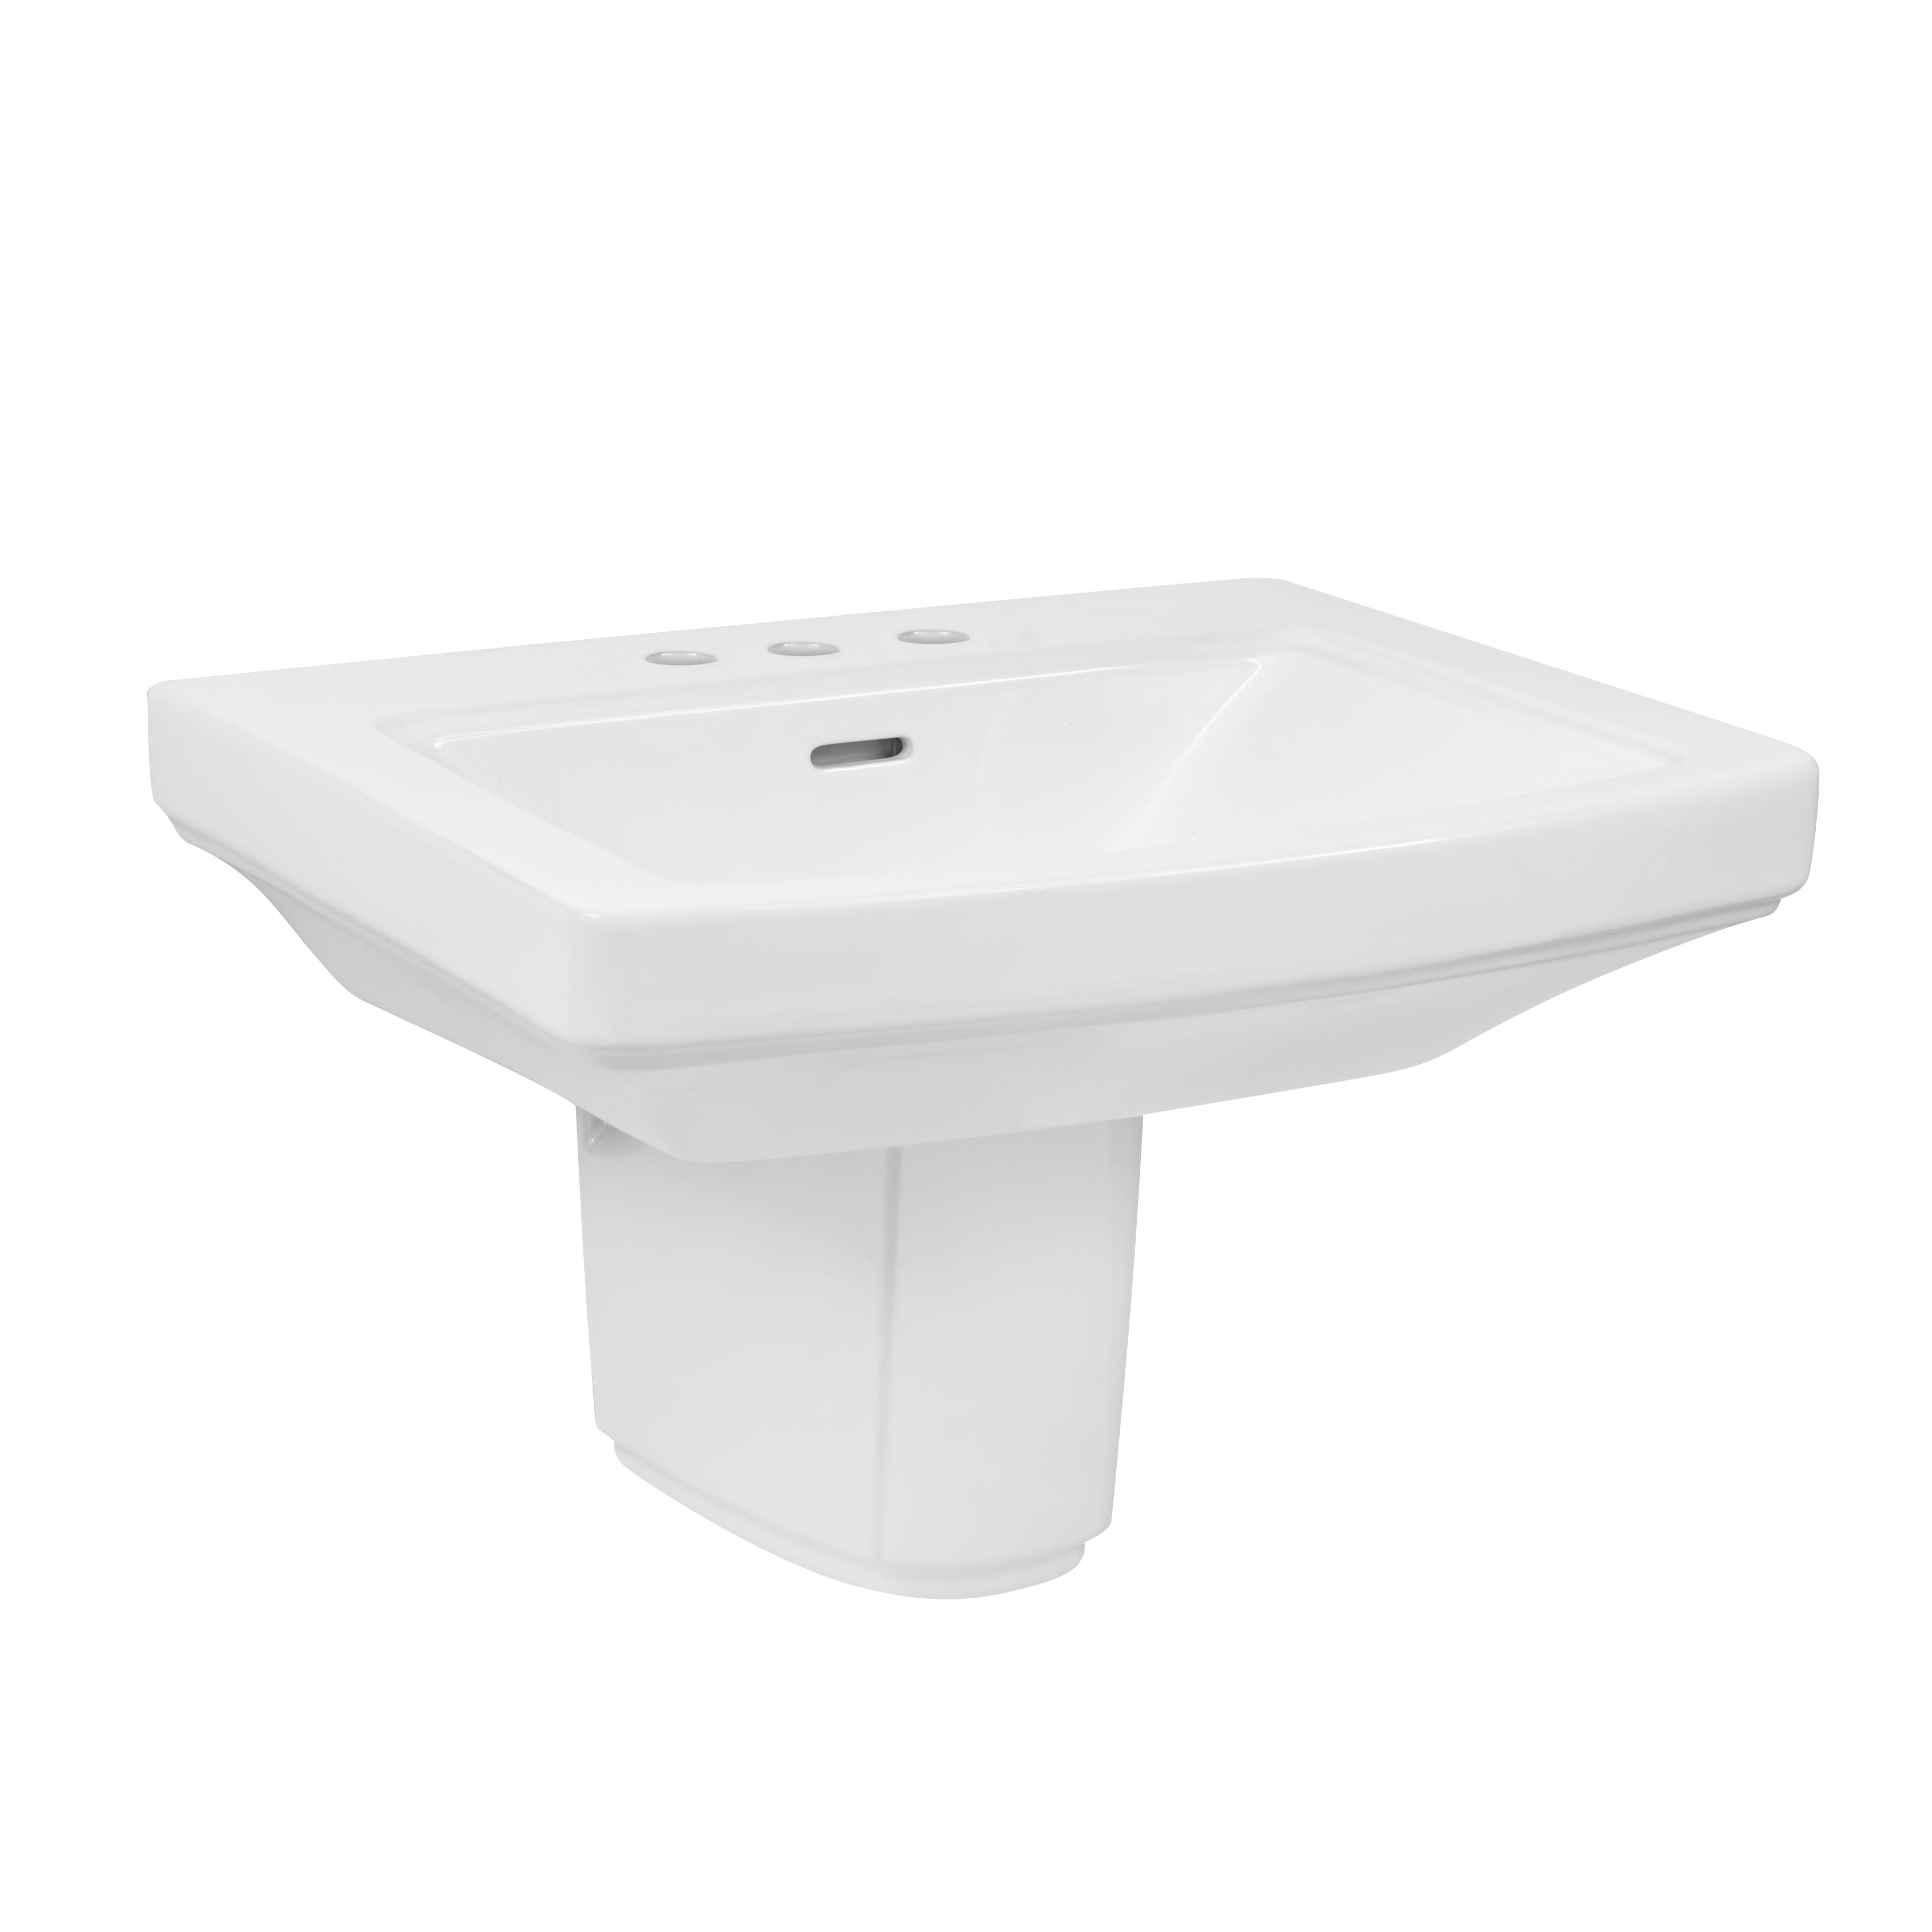 Standard bathroom sink - Hinsdale 4 Centers Standard Bathroom Sink With Shroud Gerber Plumbing